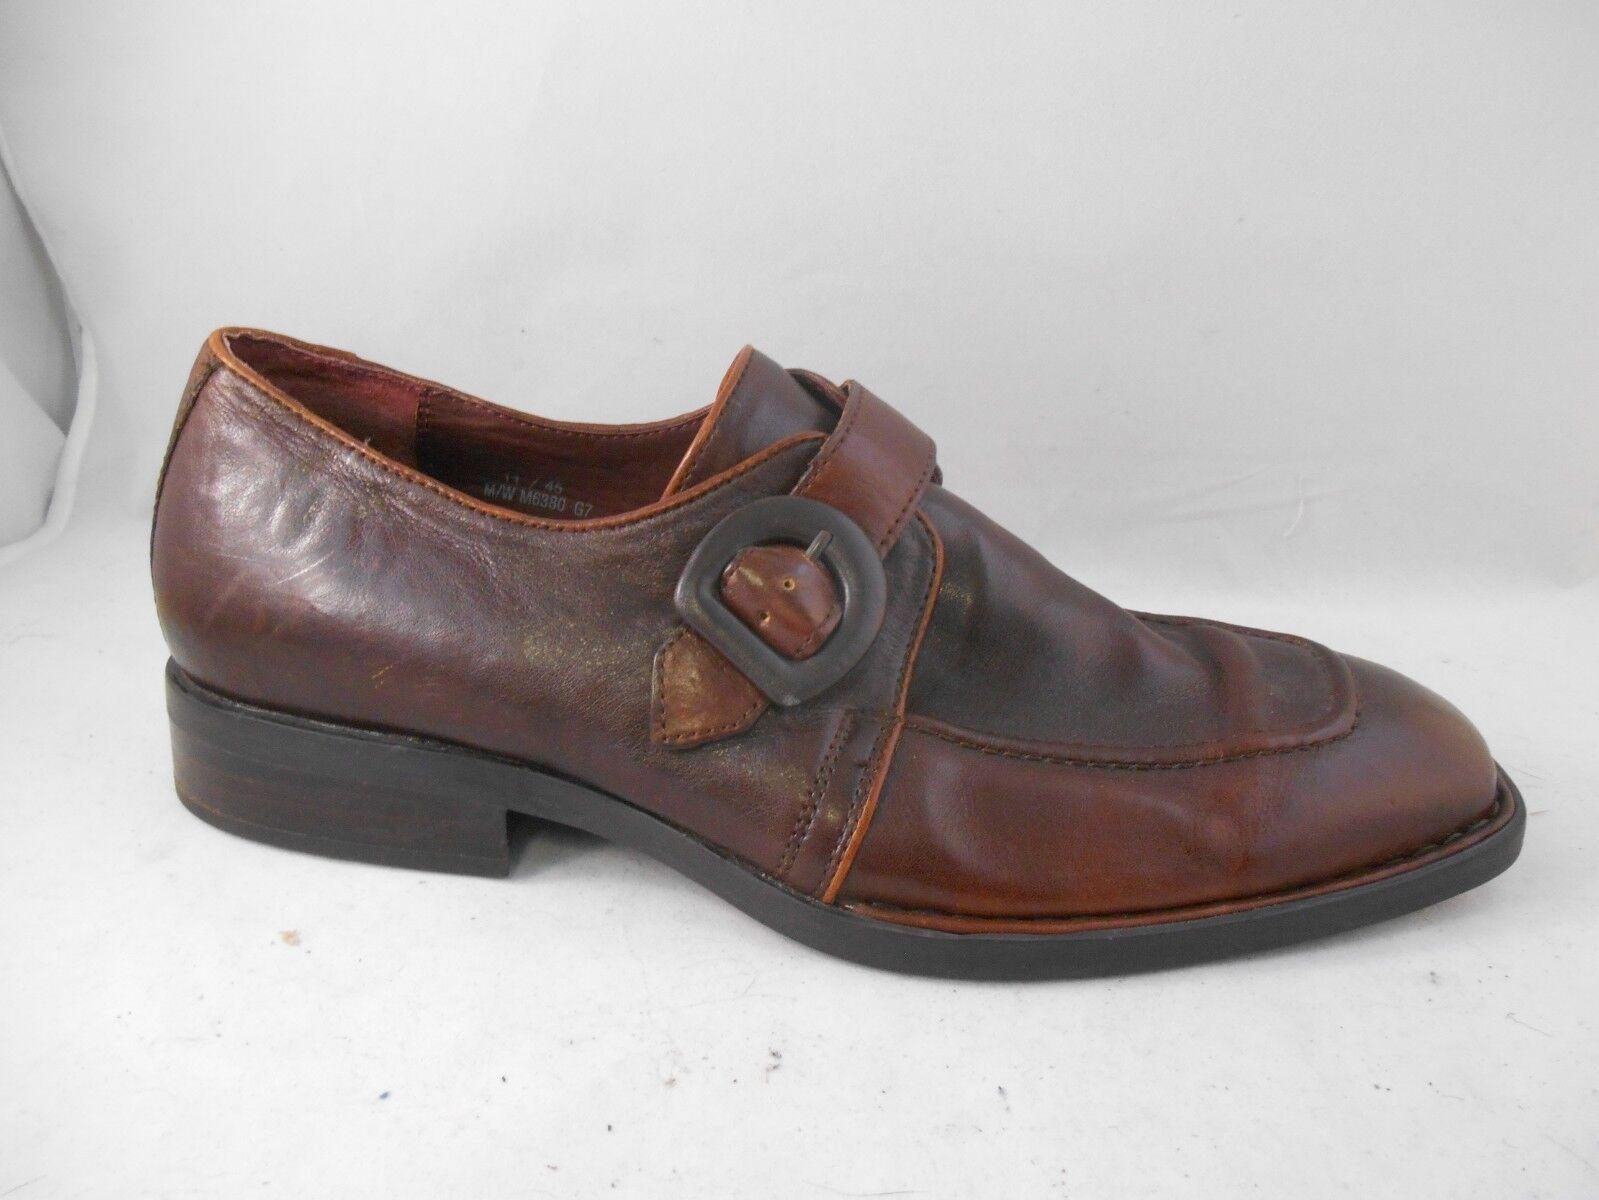 Born Brown Leather Monkstrap Casual shoes Men's Size 11 M   45 Euro